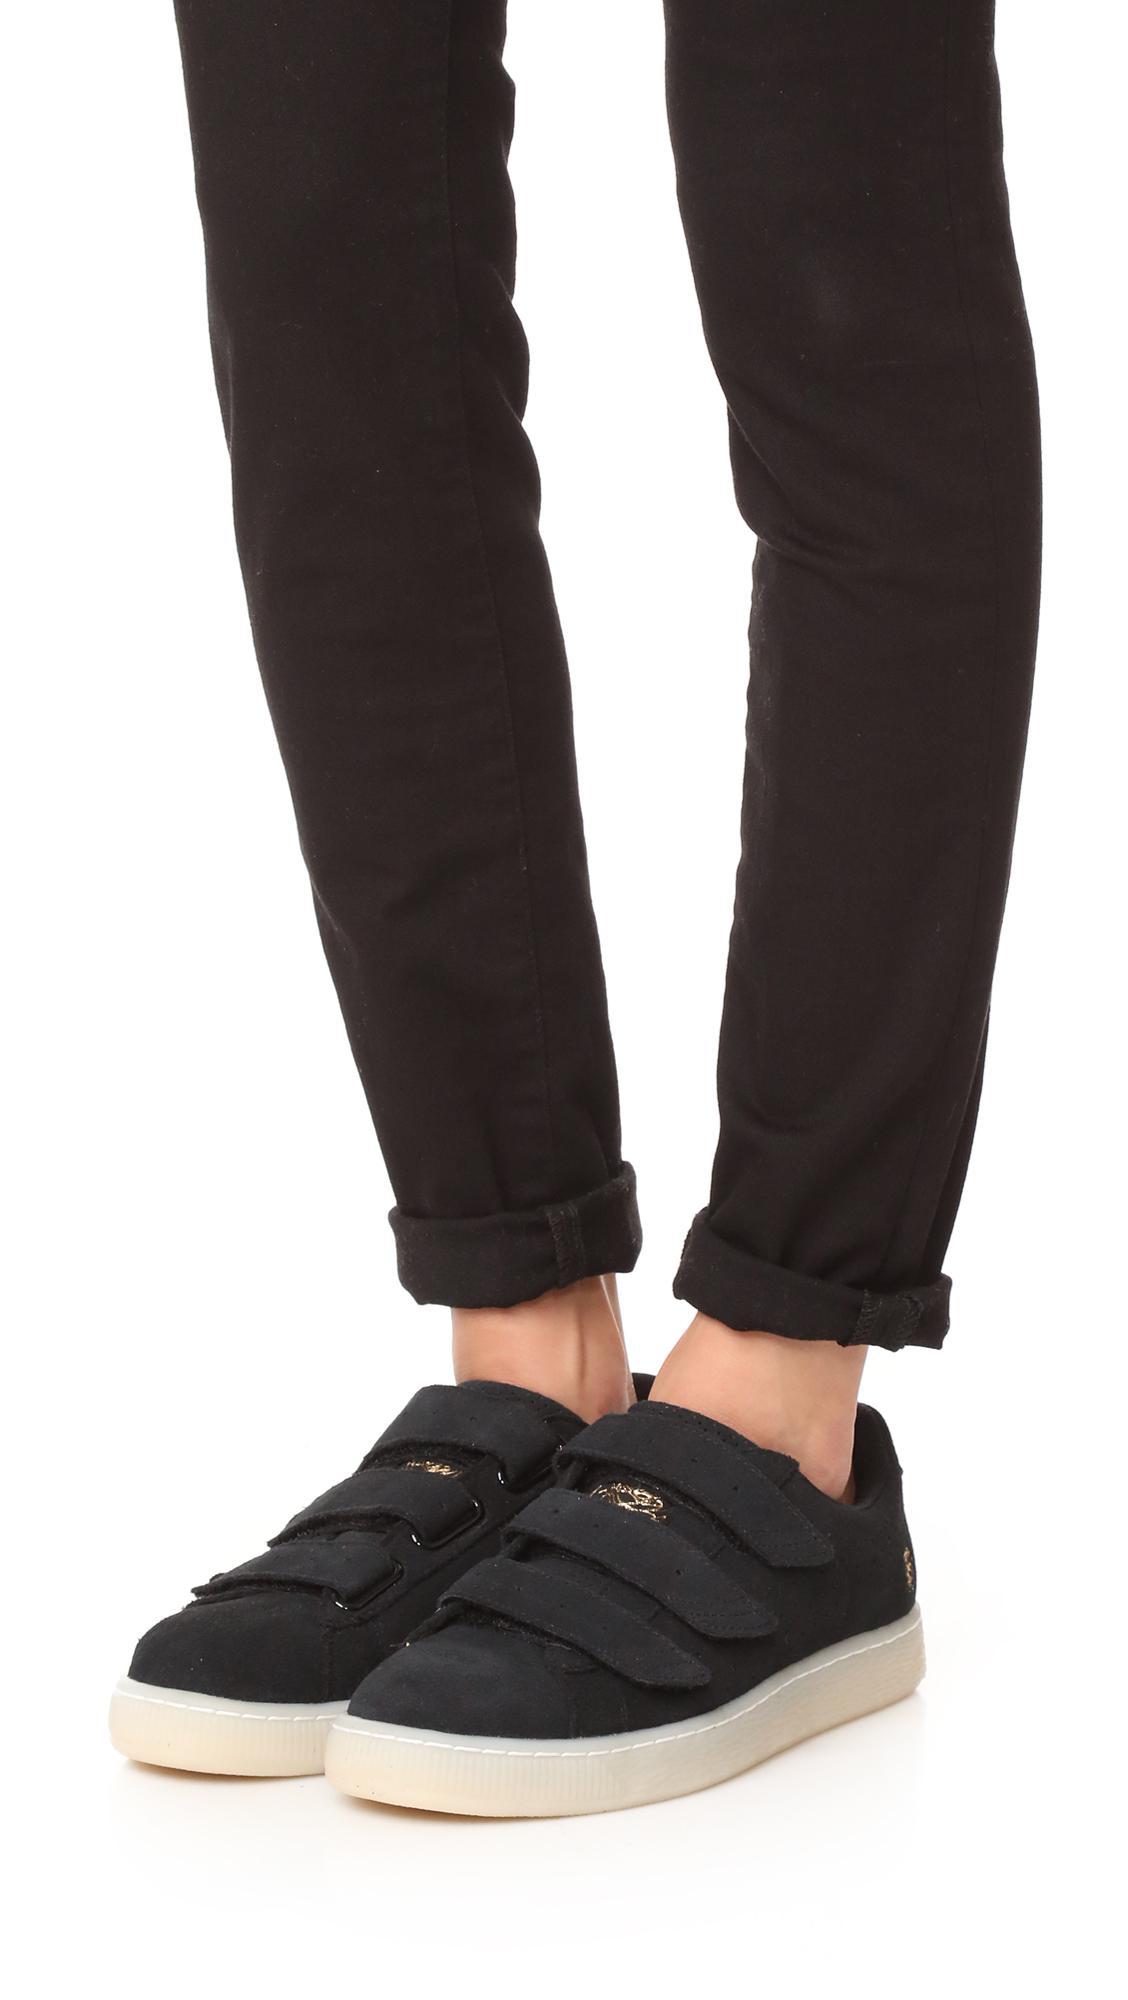 PUMA Suede X Careaux Basket Velcro Sneakers in Black - Lyst